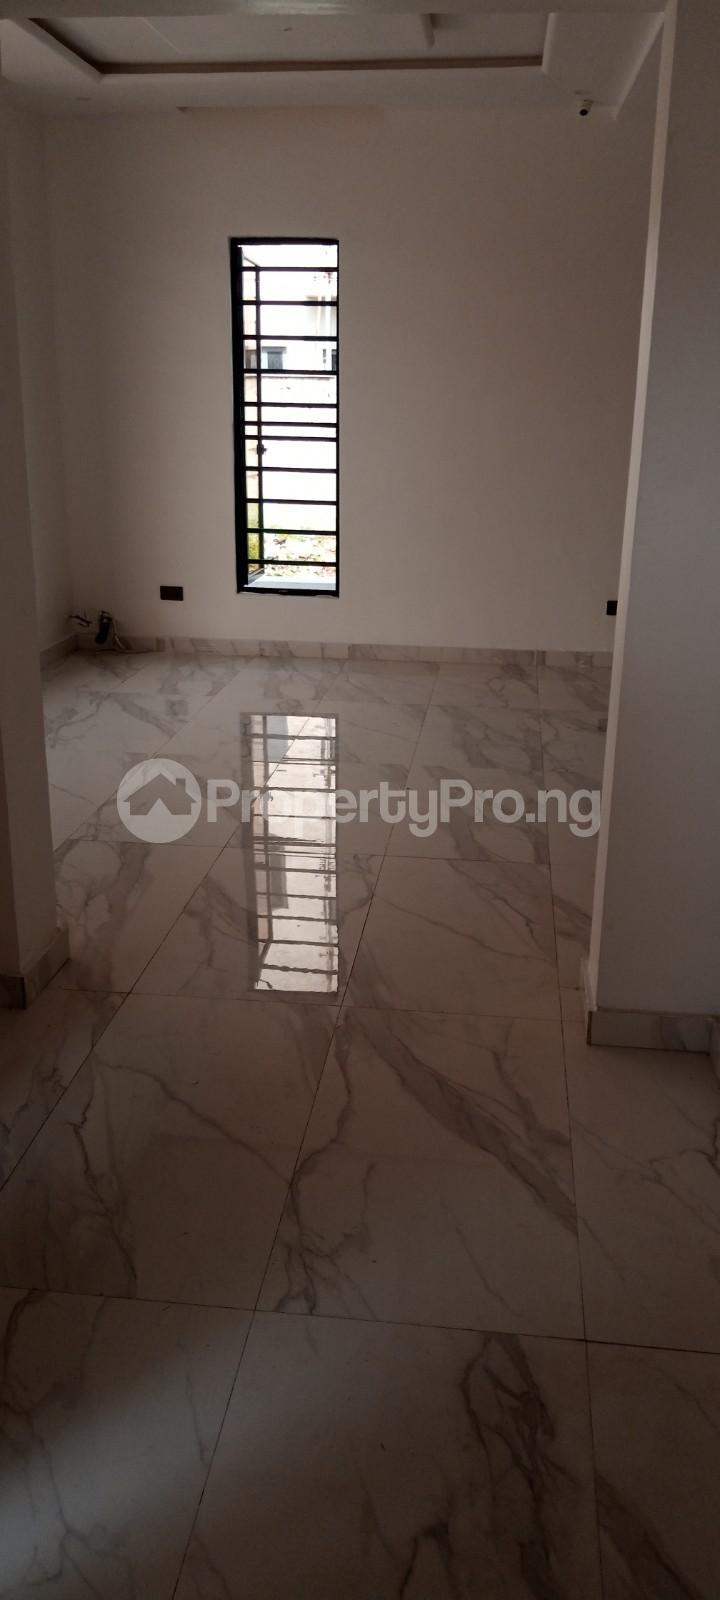 5 bedroom Detached Duplex for sale Megamound Estate, Lekki County Homes, Ikota Lekki Lagos - 12